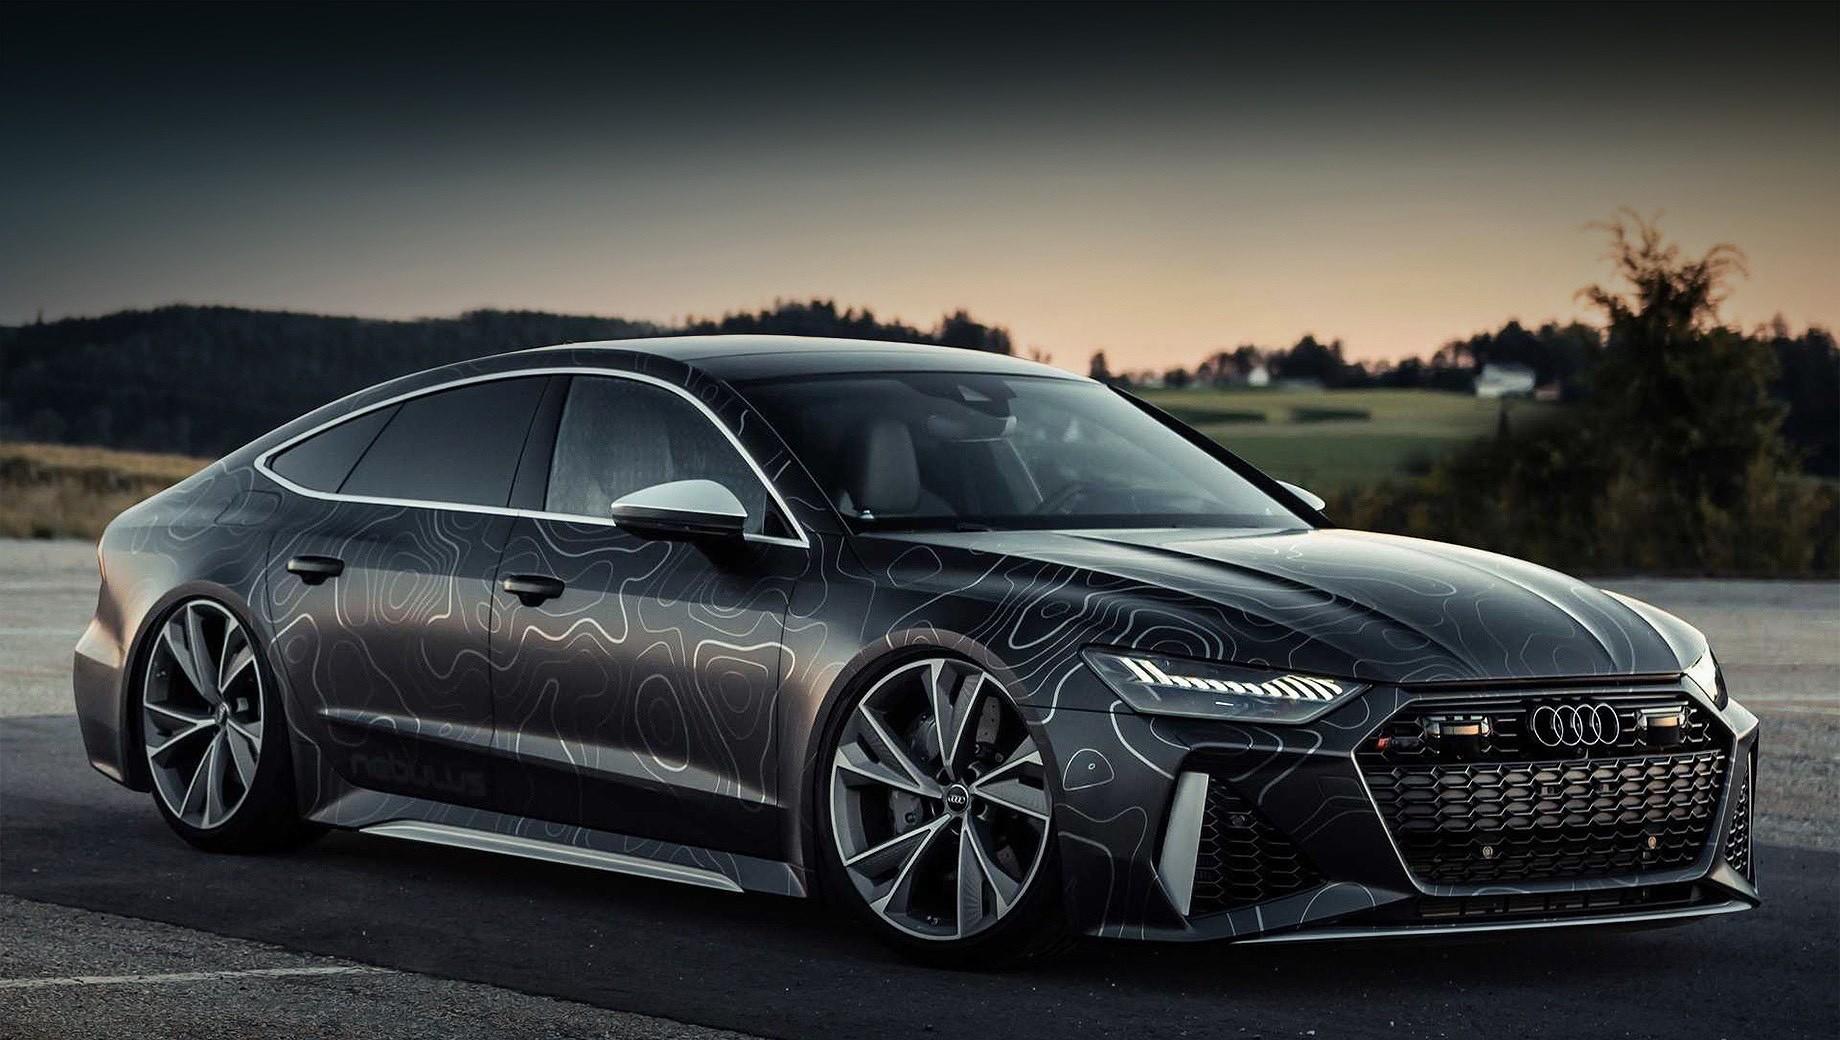 Audi rs7. Nebulus Audi RS7 Sportback лишена ограничителя скорости. Поэтому на испытаниях в руках тюнеров хэтчбек смог развить 363 км/ч. У заводской версии максимальная скорость по умолчанию составляет 250 км/ч, но она может быть увеличена до 280 и 305 км/ч с пакетами Dynamic и Dynamic plus соответственно.